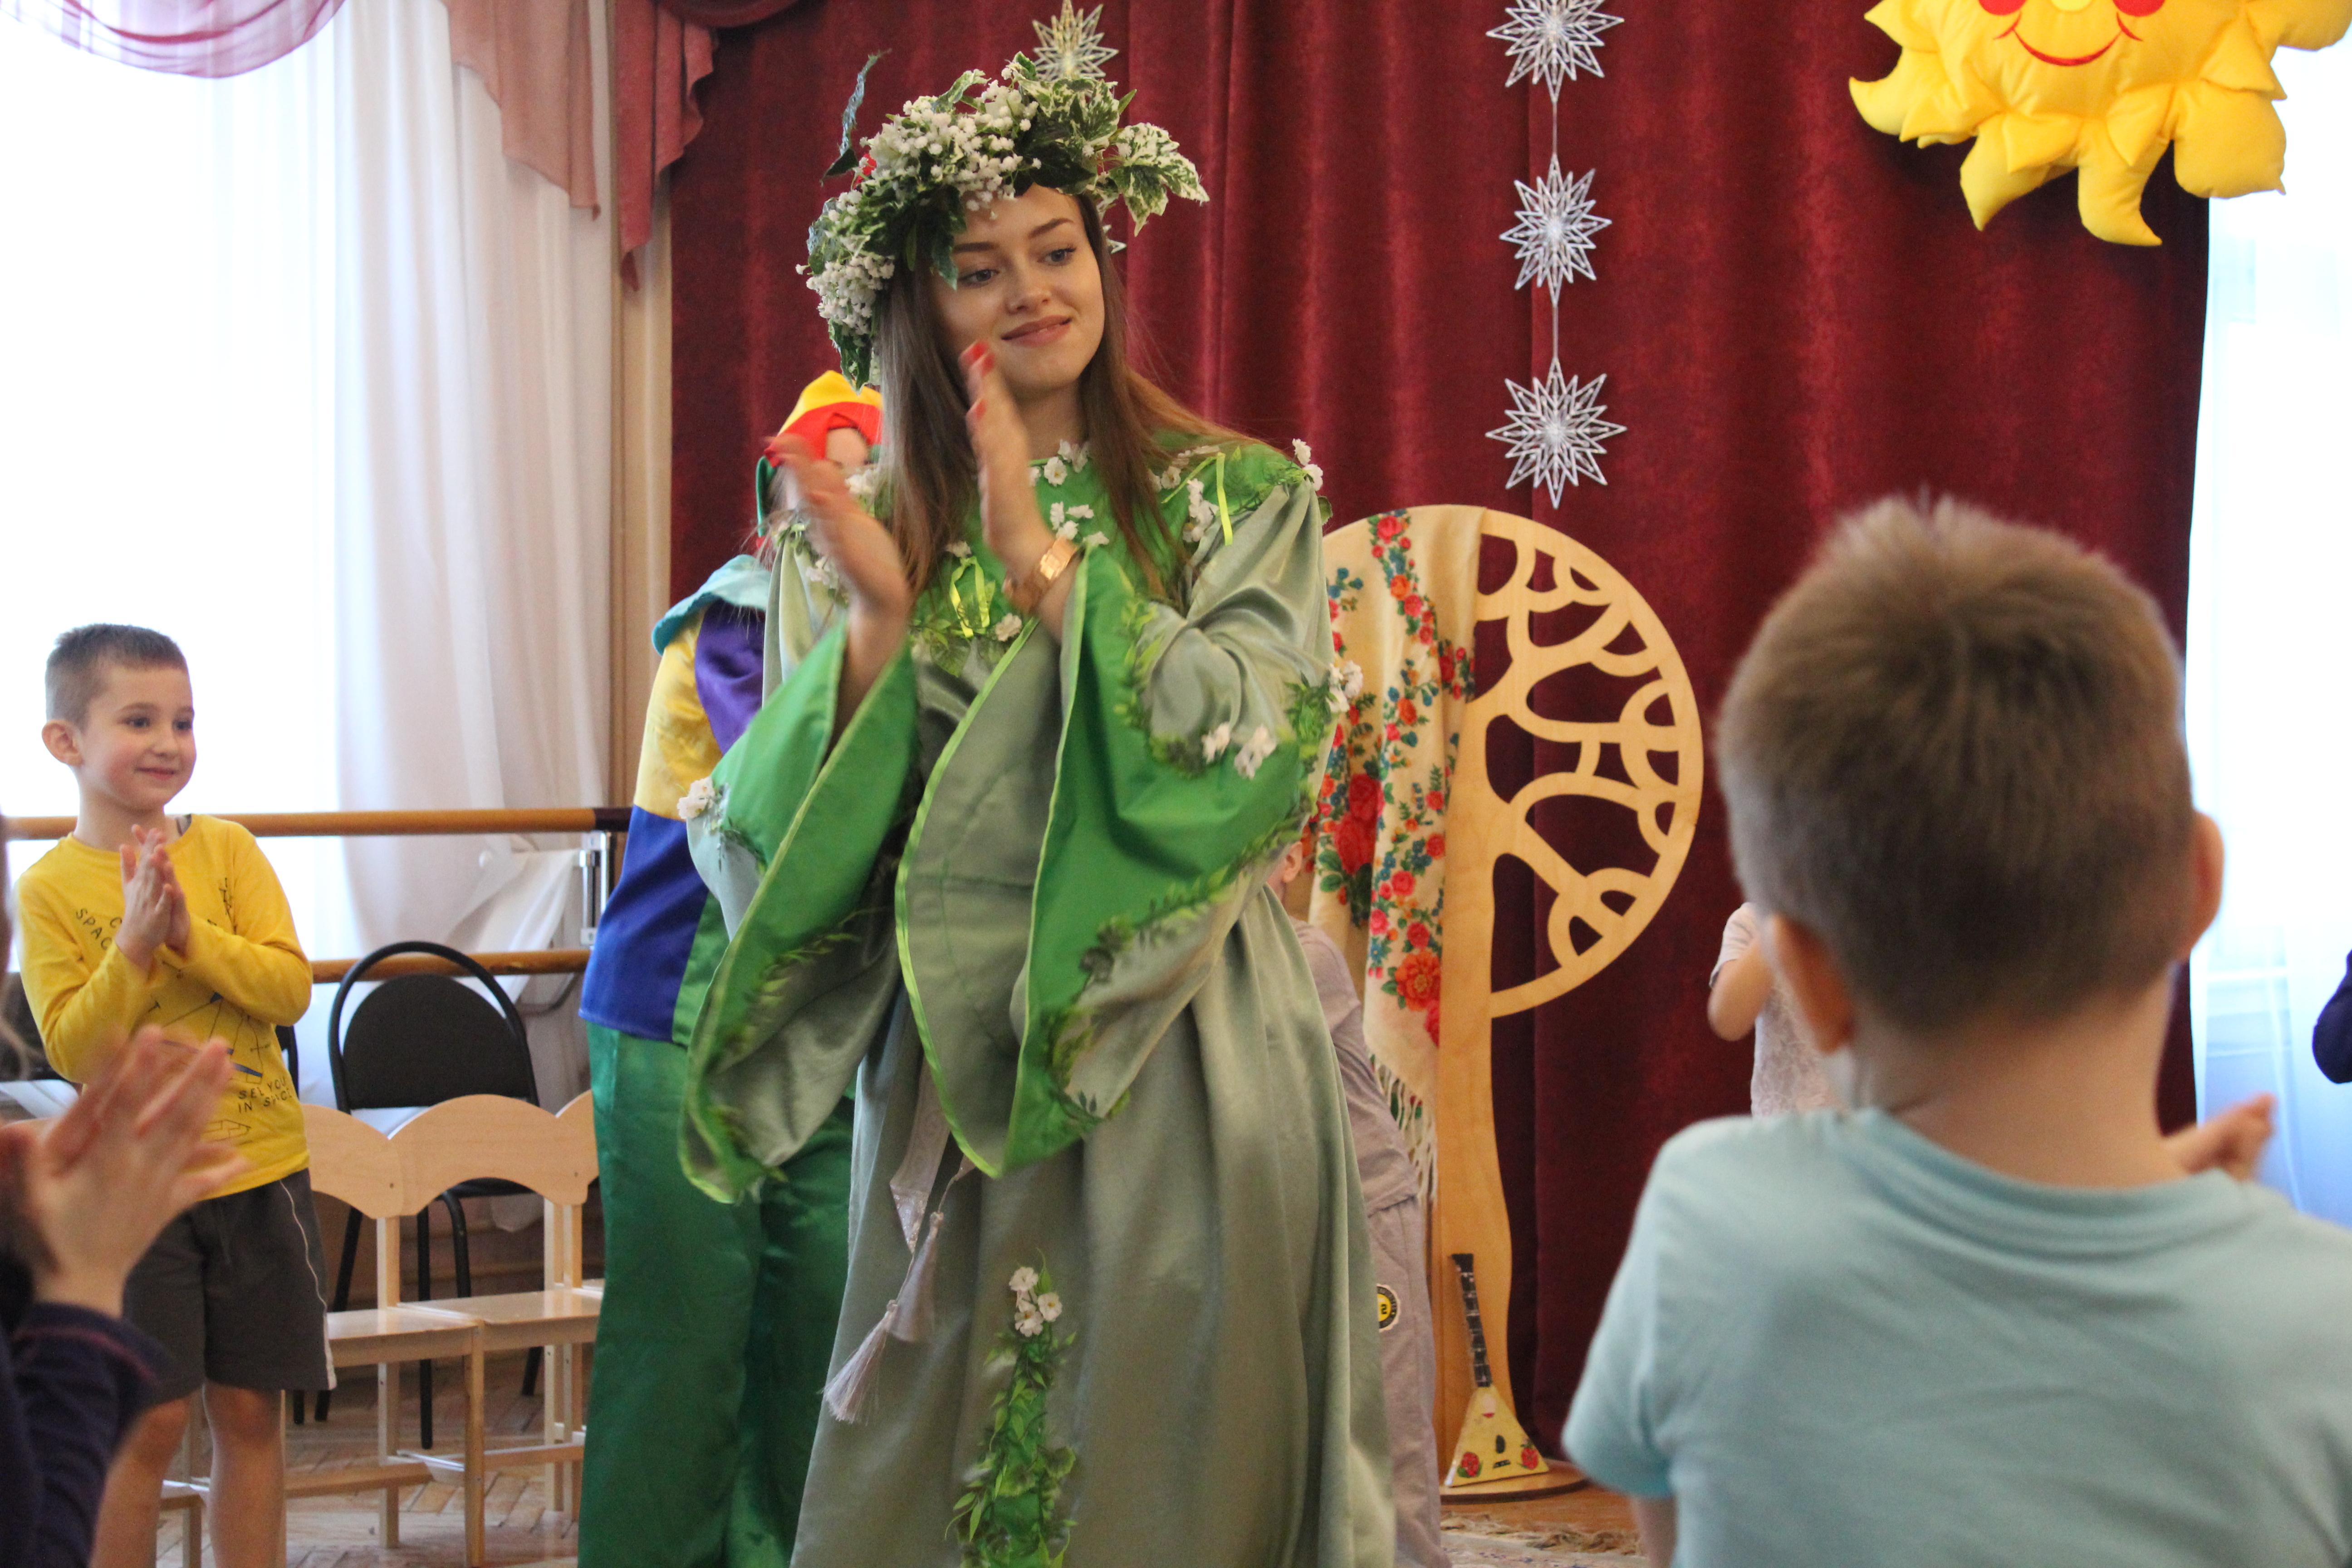 12 февраля 2018 г. Широкая масленица — студенты-волонтёры ИКИ МГПУ в детских садах Москвы